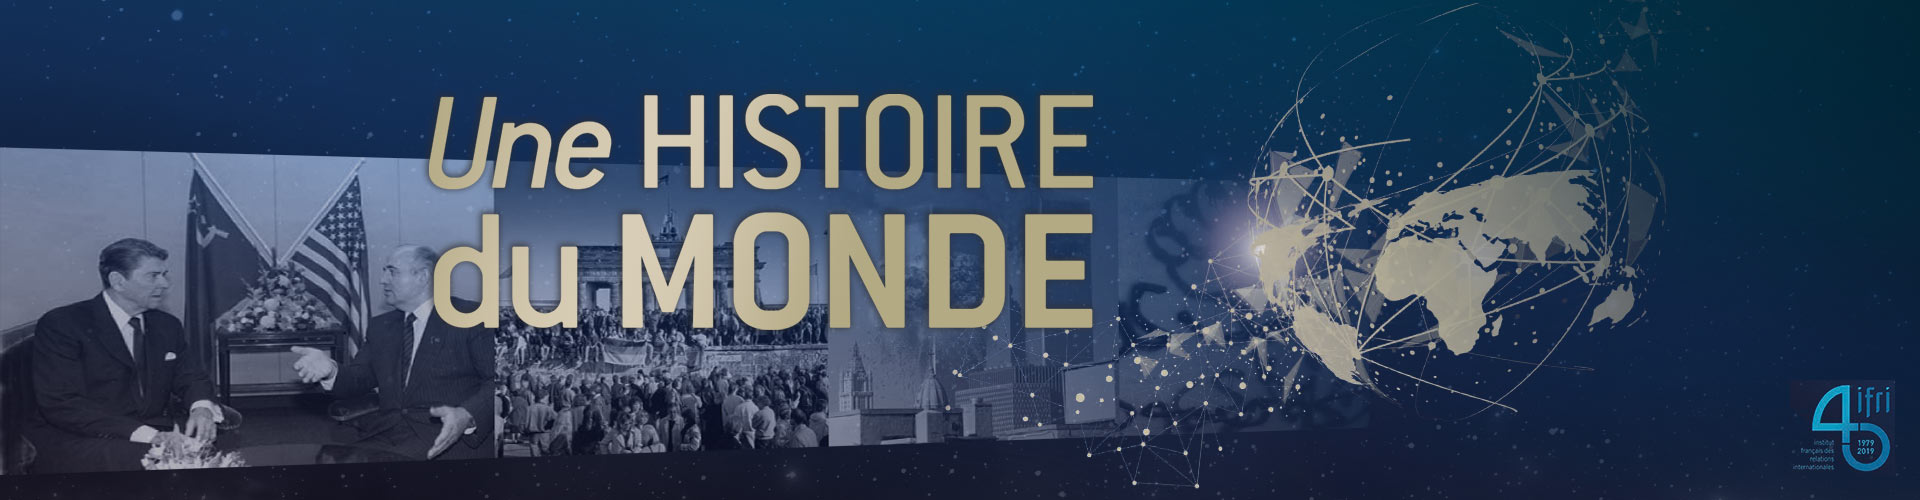 Une Histoire du Monde en quarrante ans - 1979-2019 - Dunod - IFRI